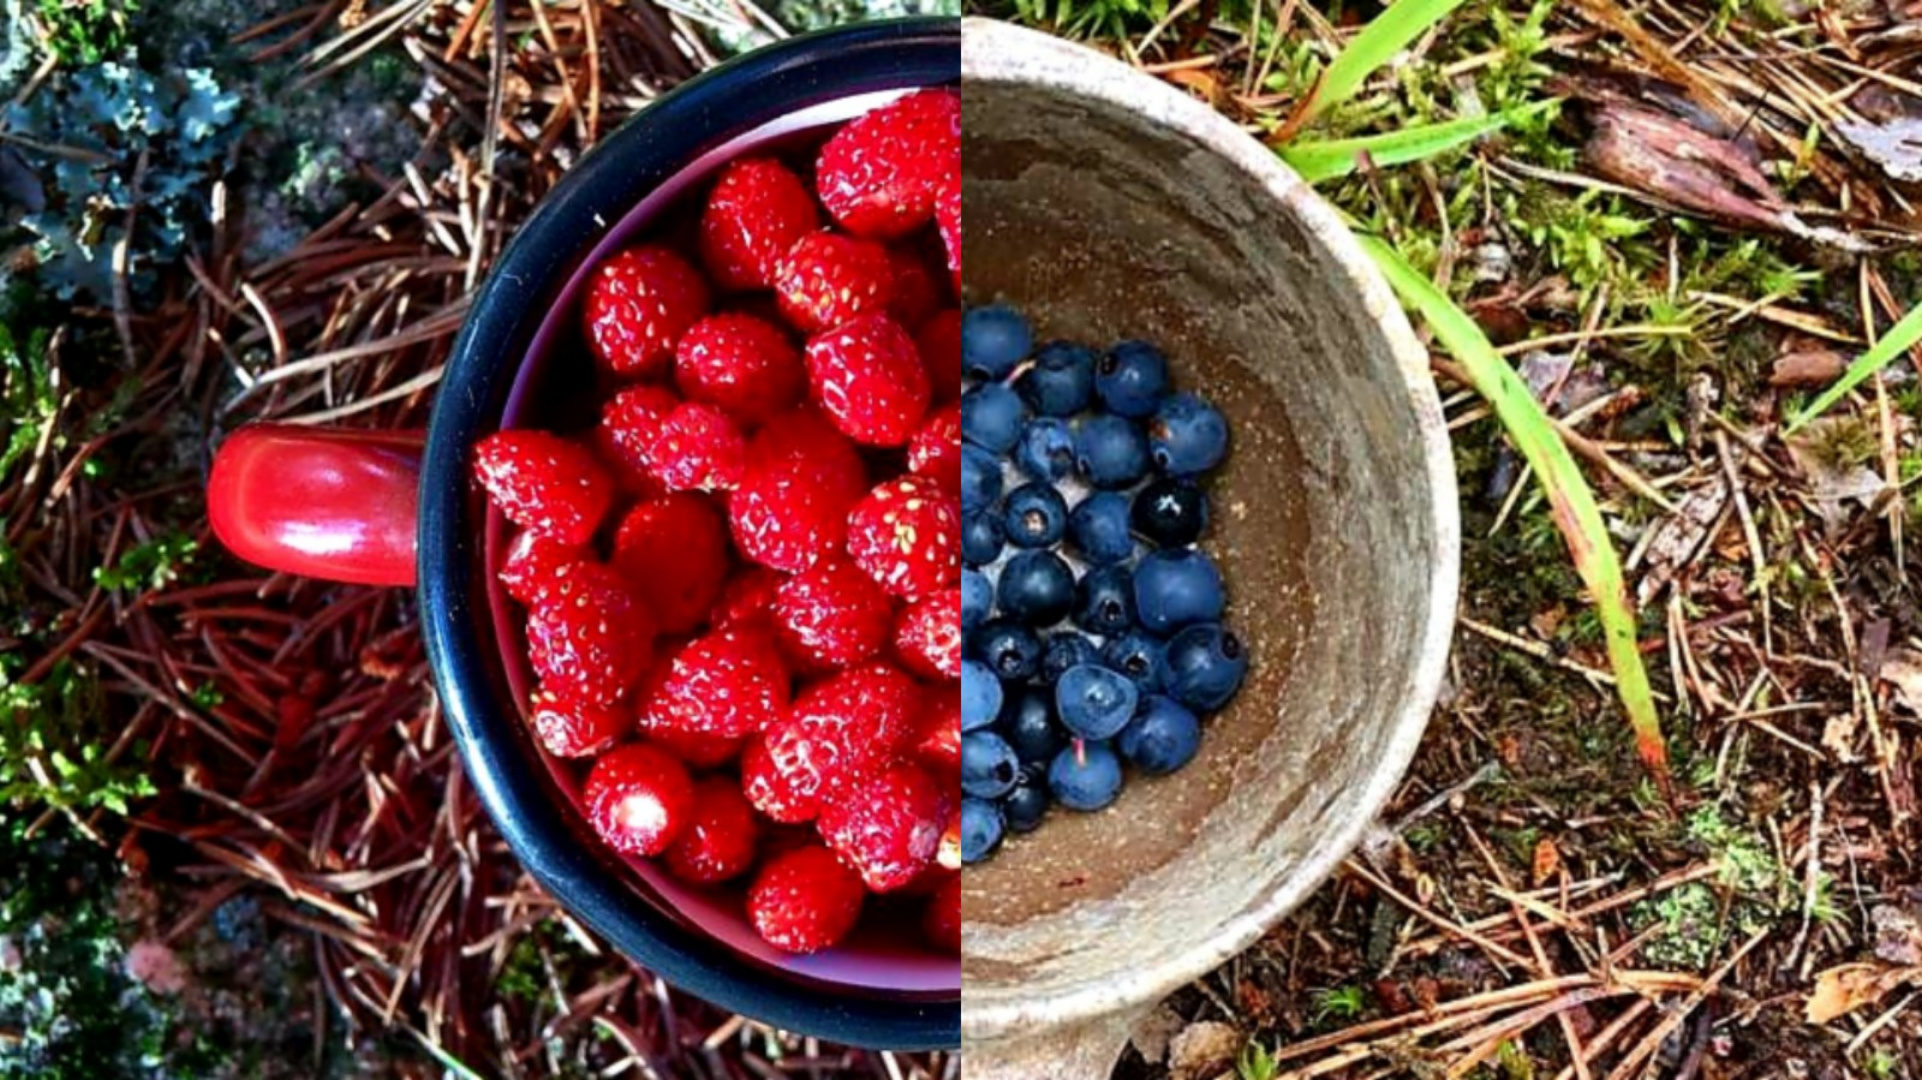 Berry & Mushroom Picking